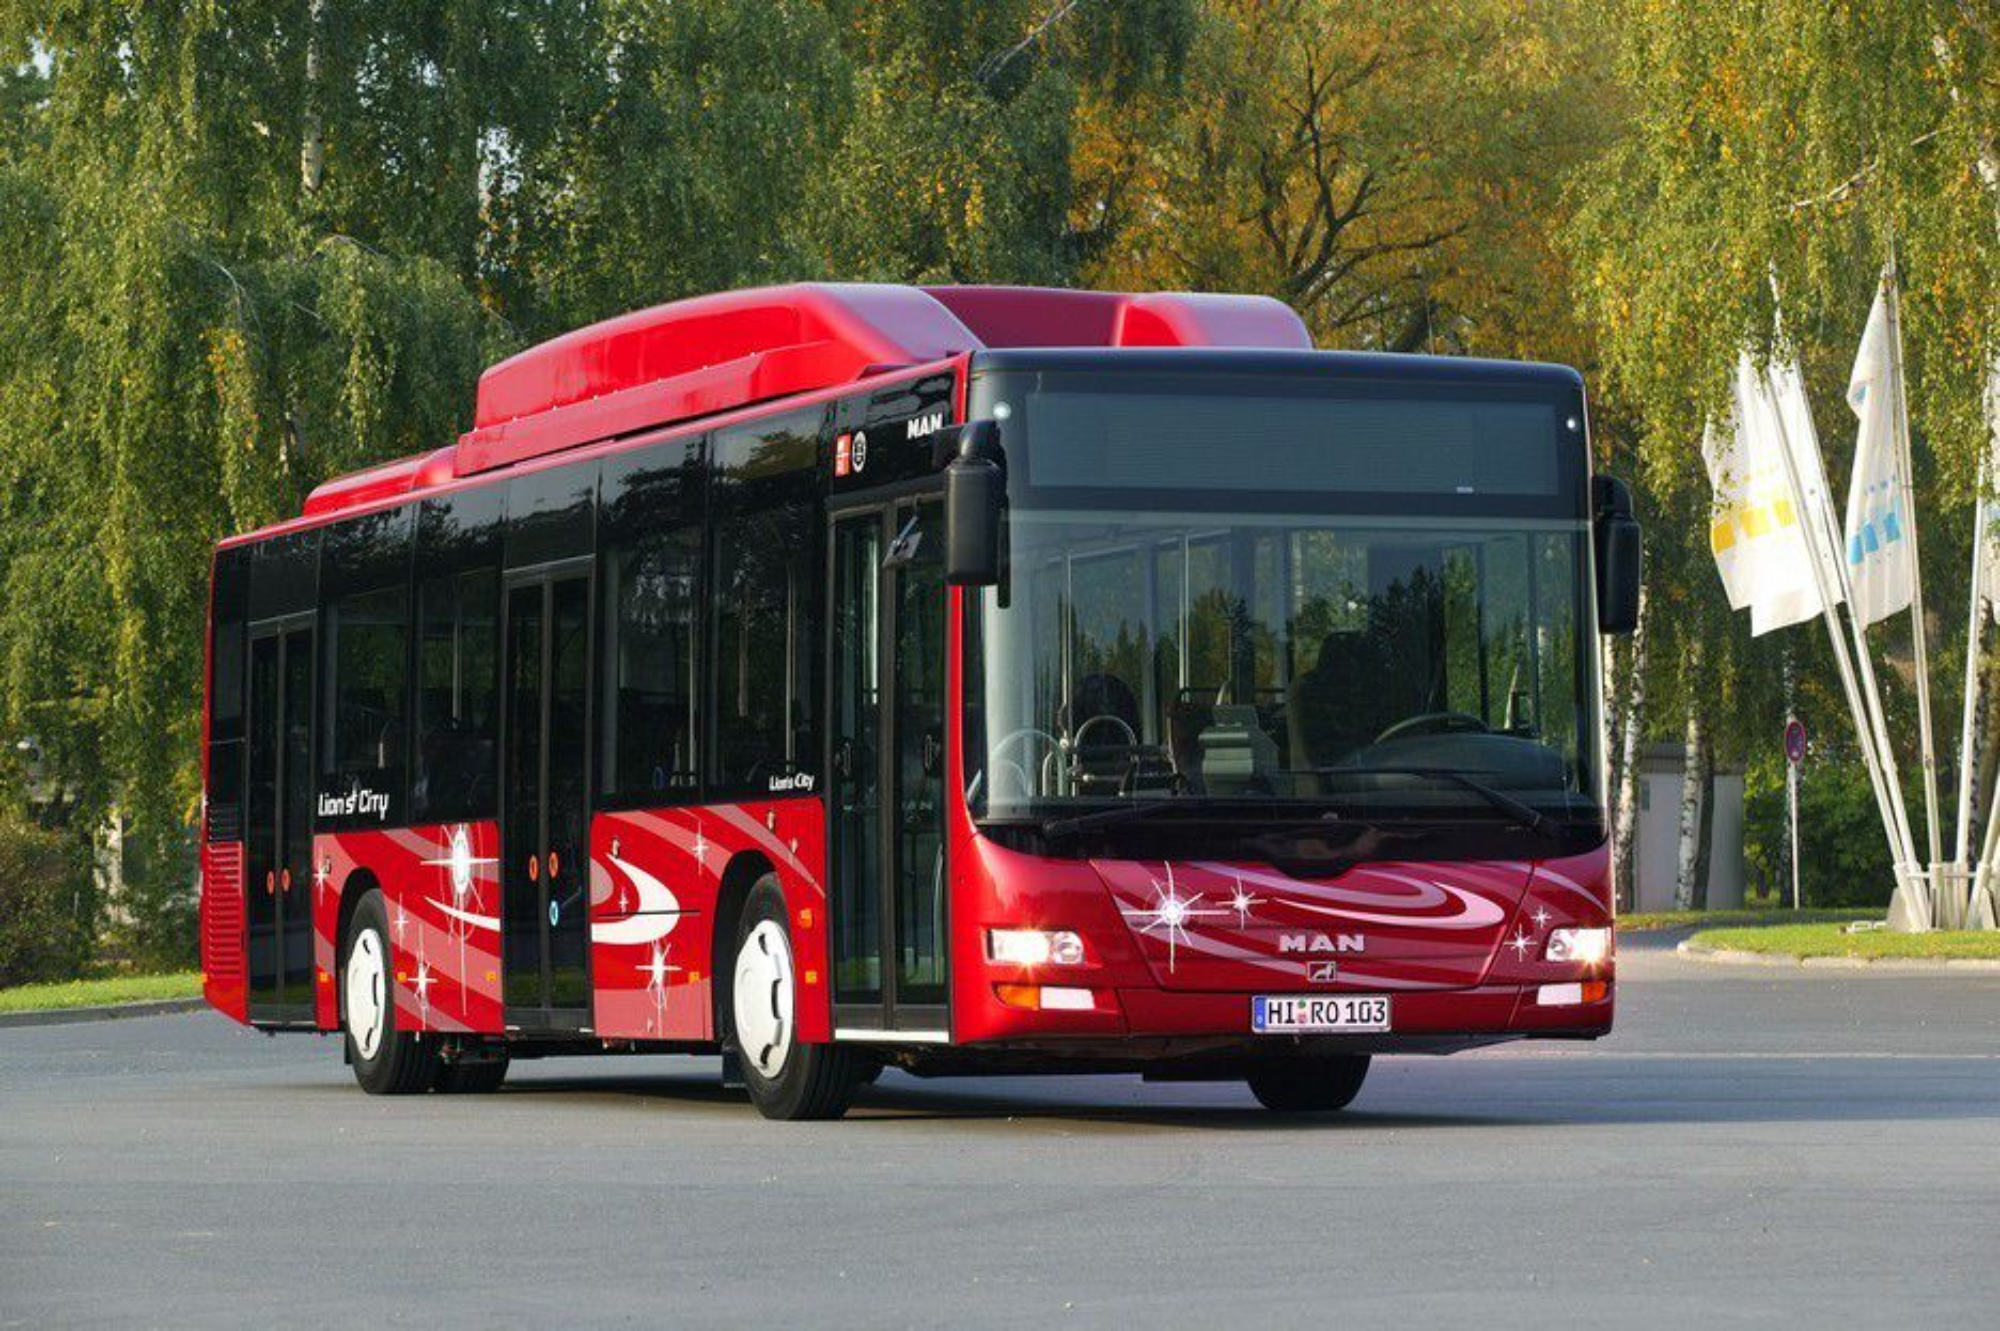 BYBUSS: MAN har særlig gjort det bra med bybusser i Sverige, og mange av dem er drevet med naturgass. Gass går ikke bare bra på sommeren, slik som her, men er også effektivt vinterstid, da med litt ekstrateknikk i motorrommet.